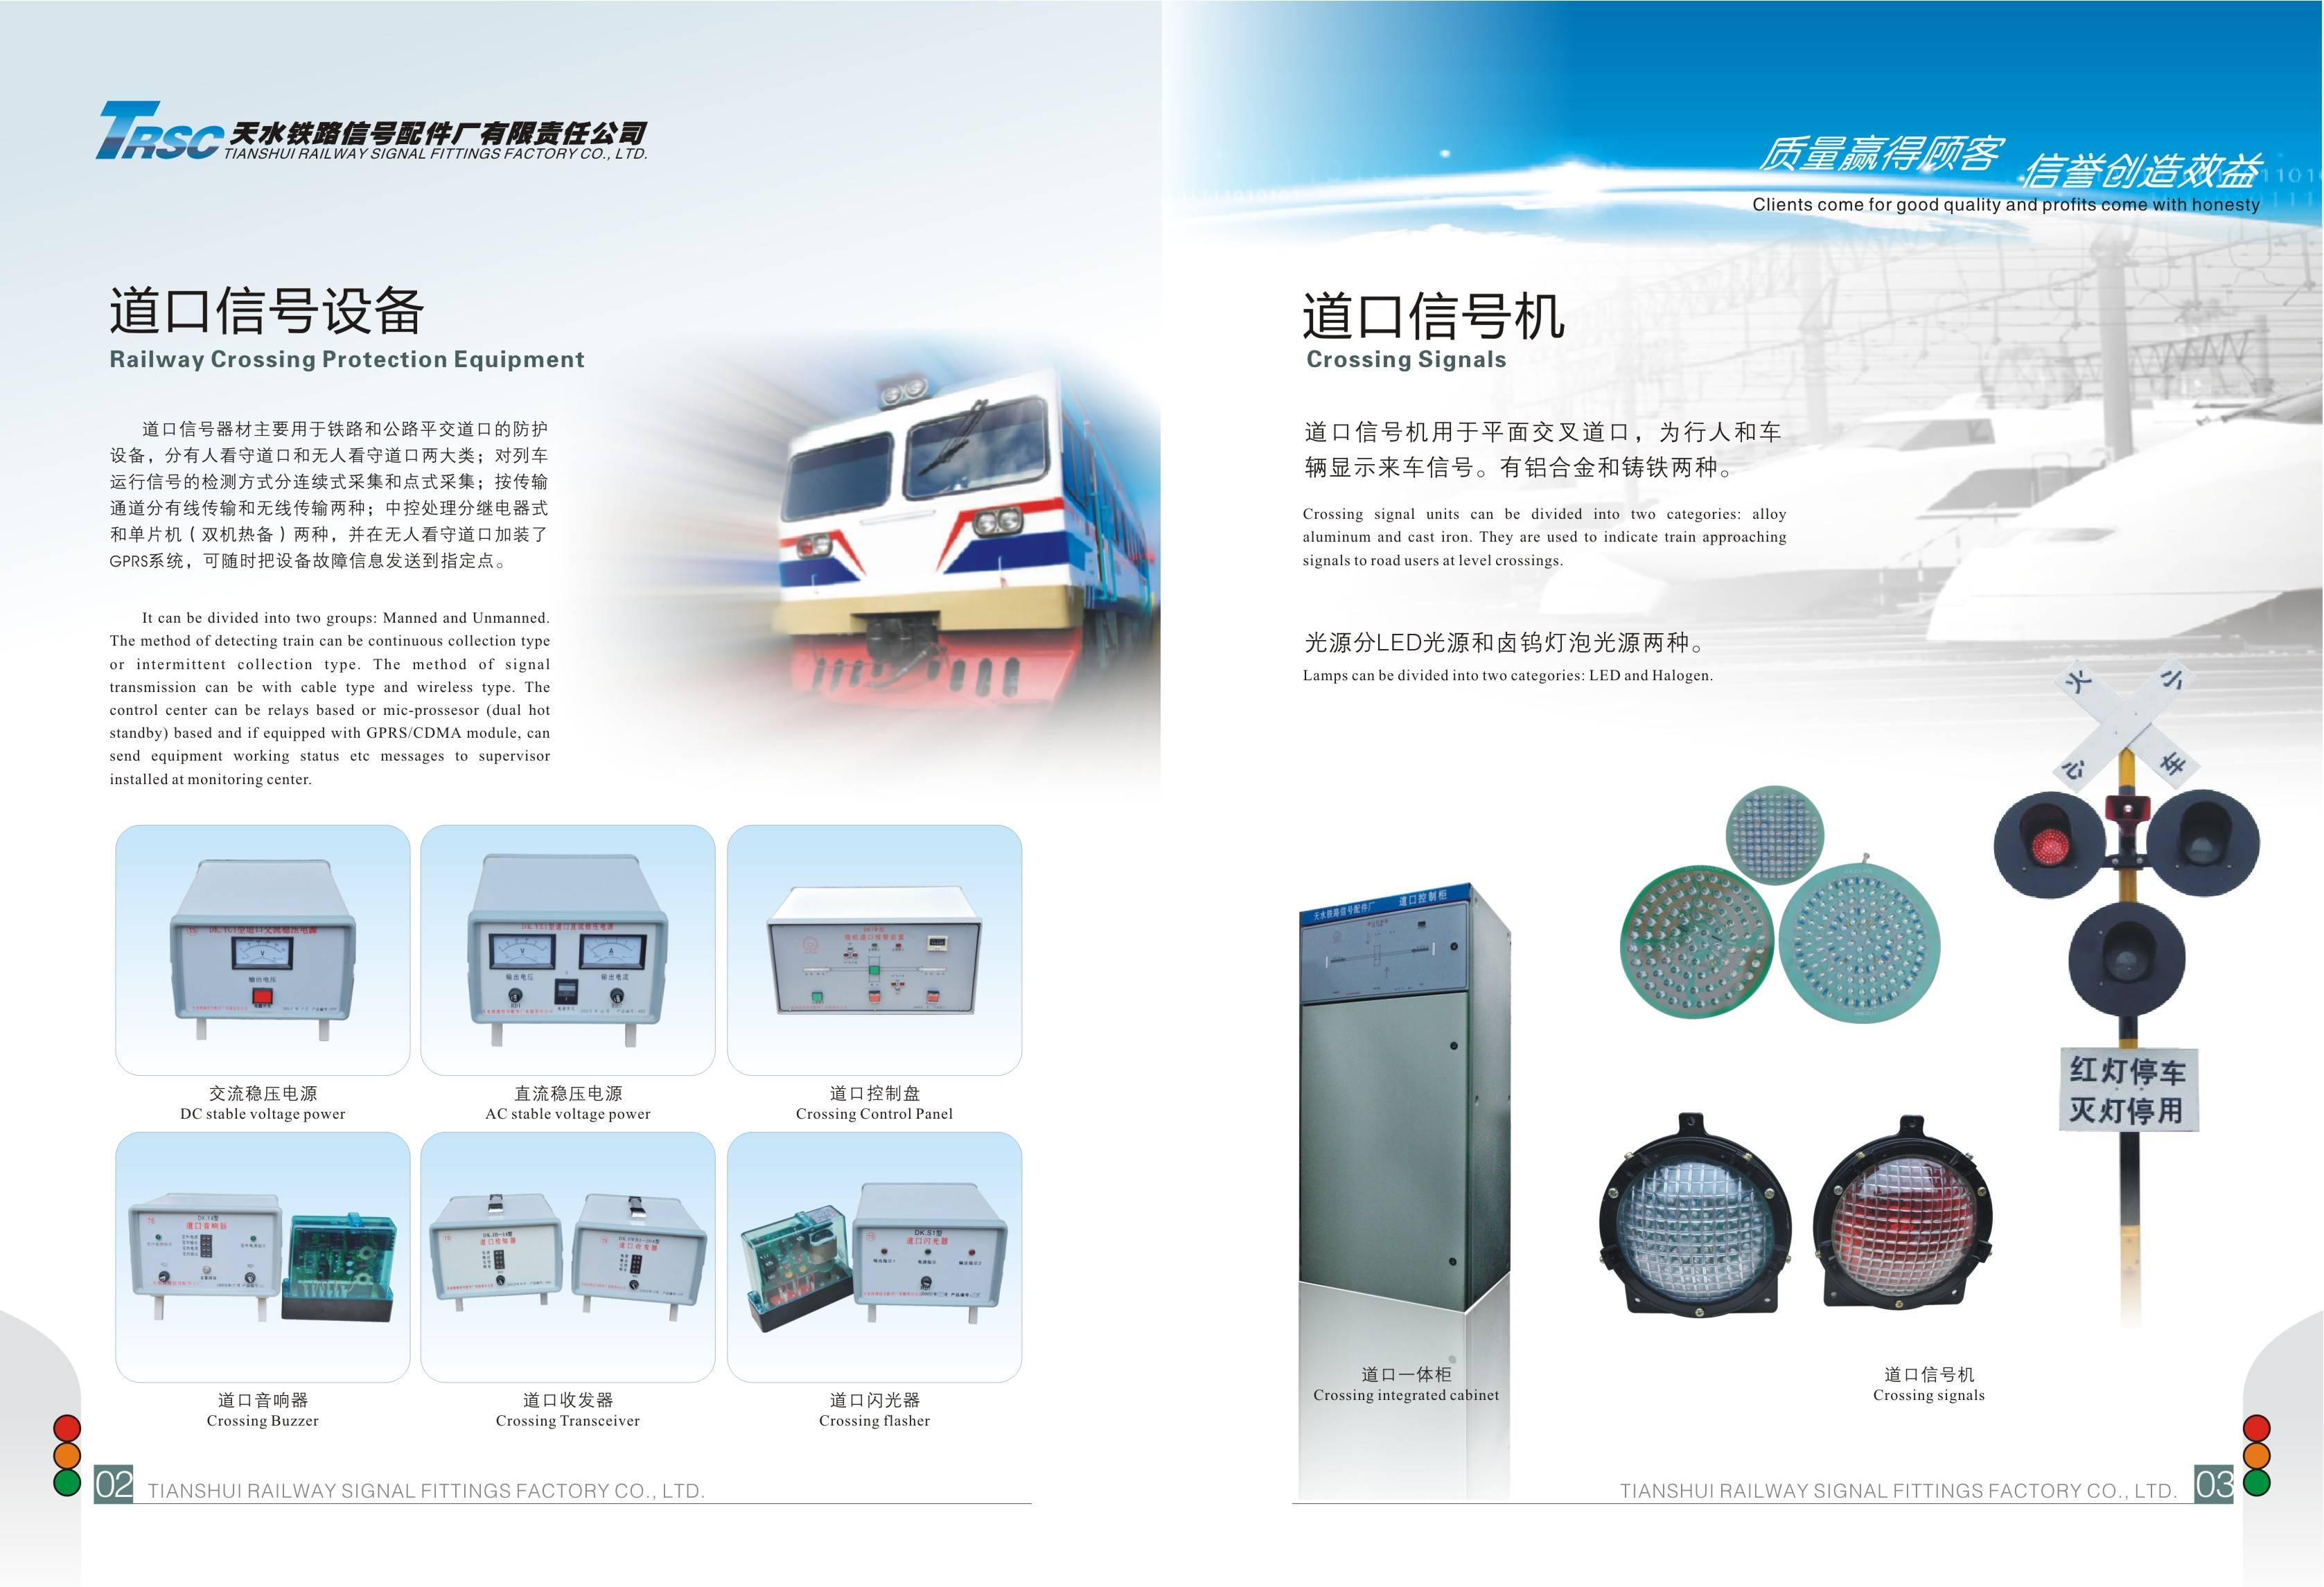 天水铁路信号配件厂有限责任公司